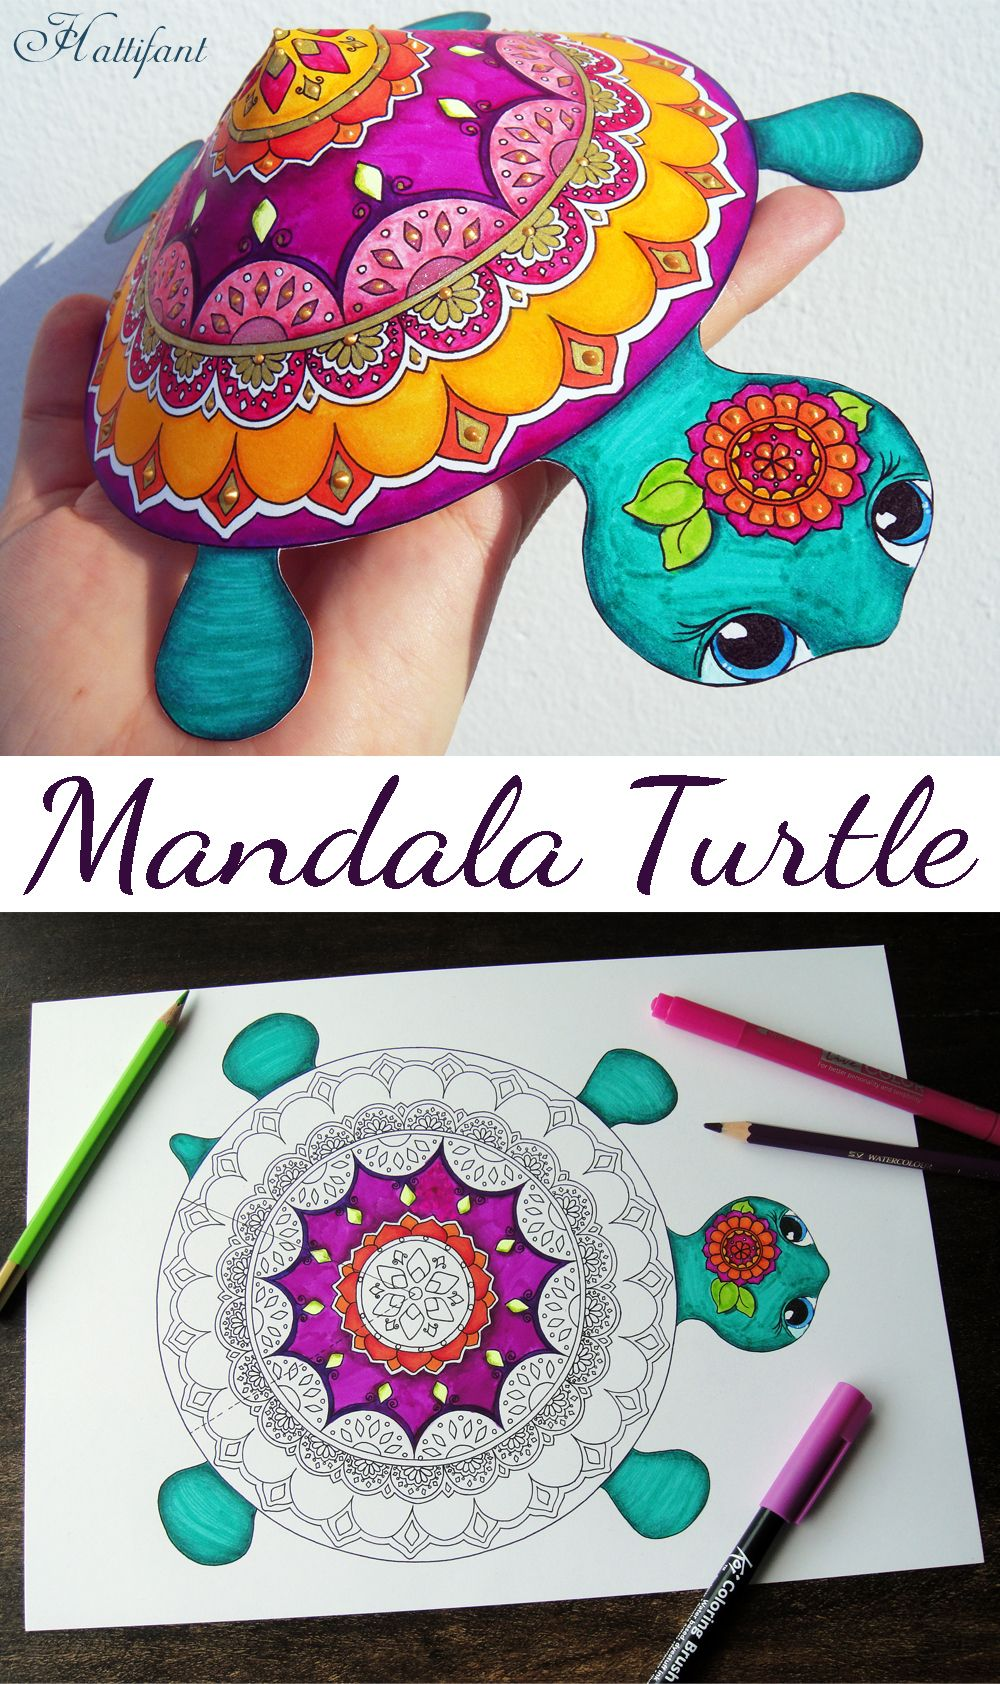 Mandala Tortue